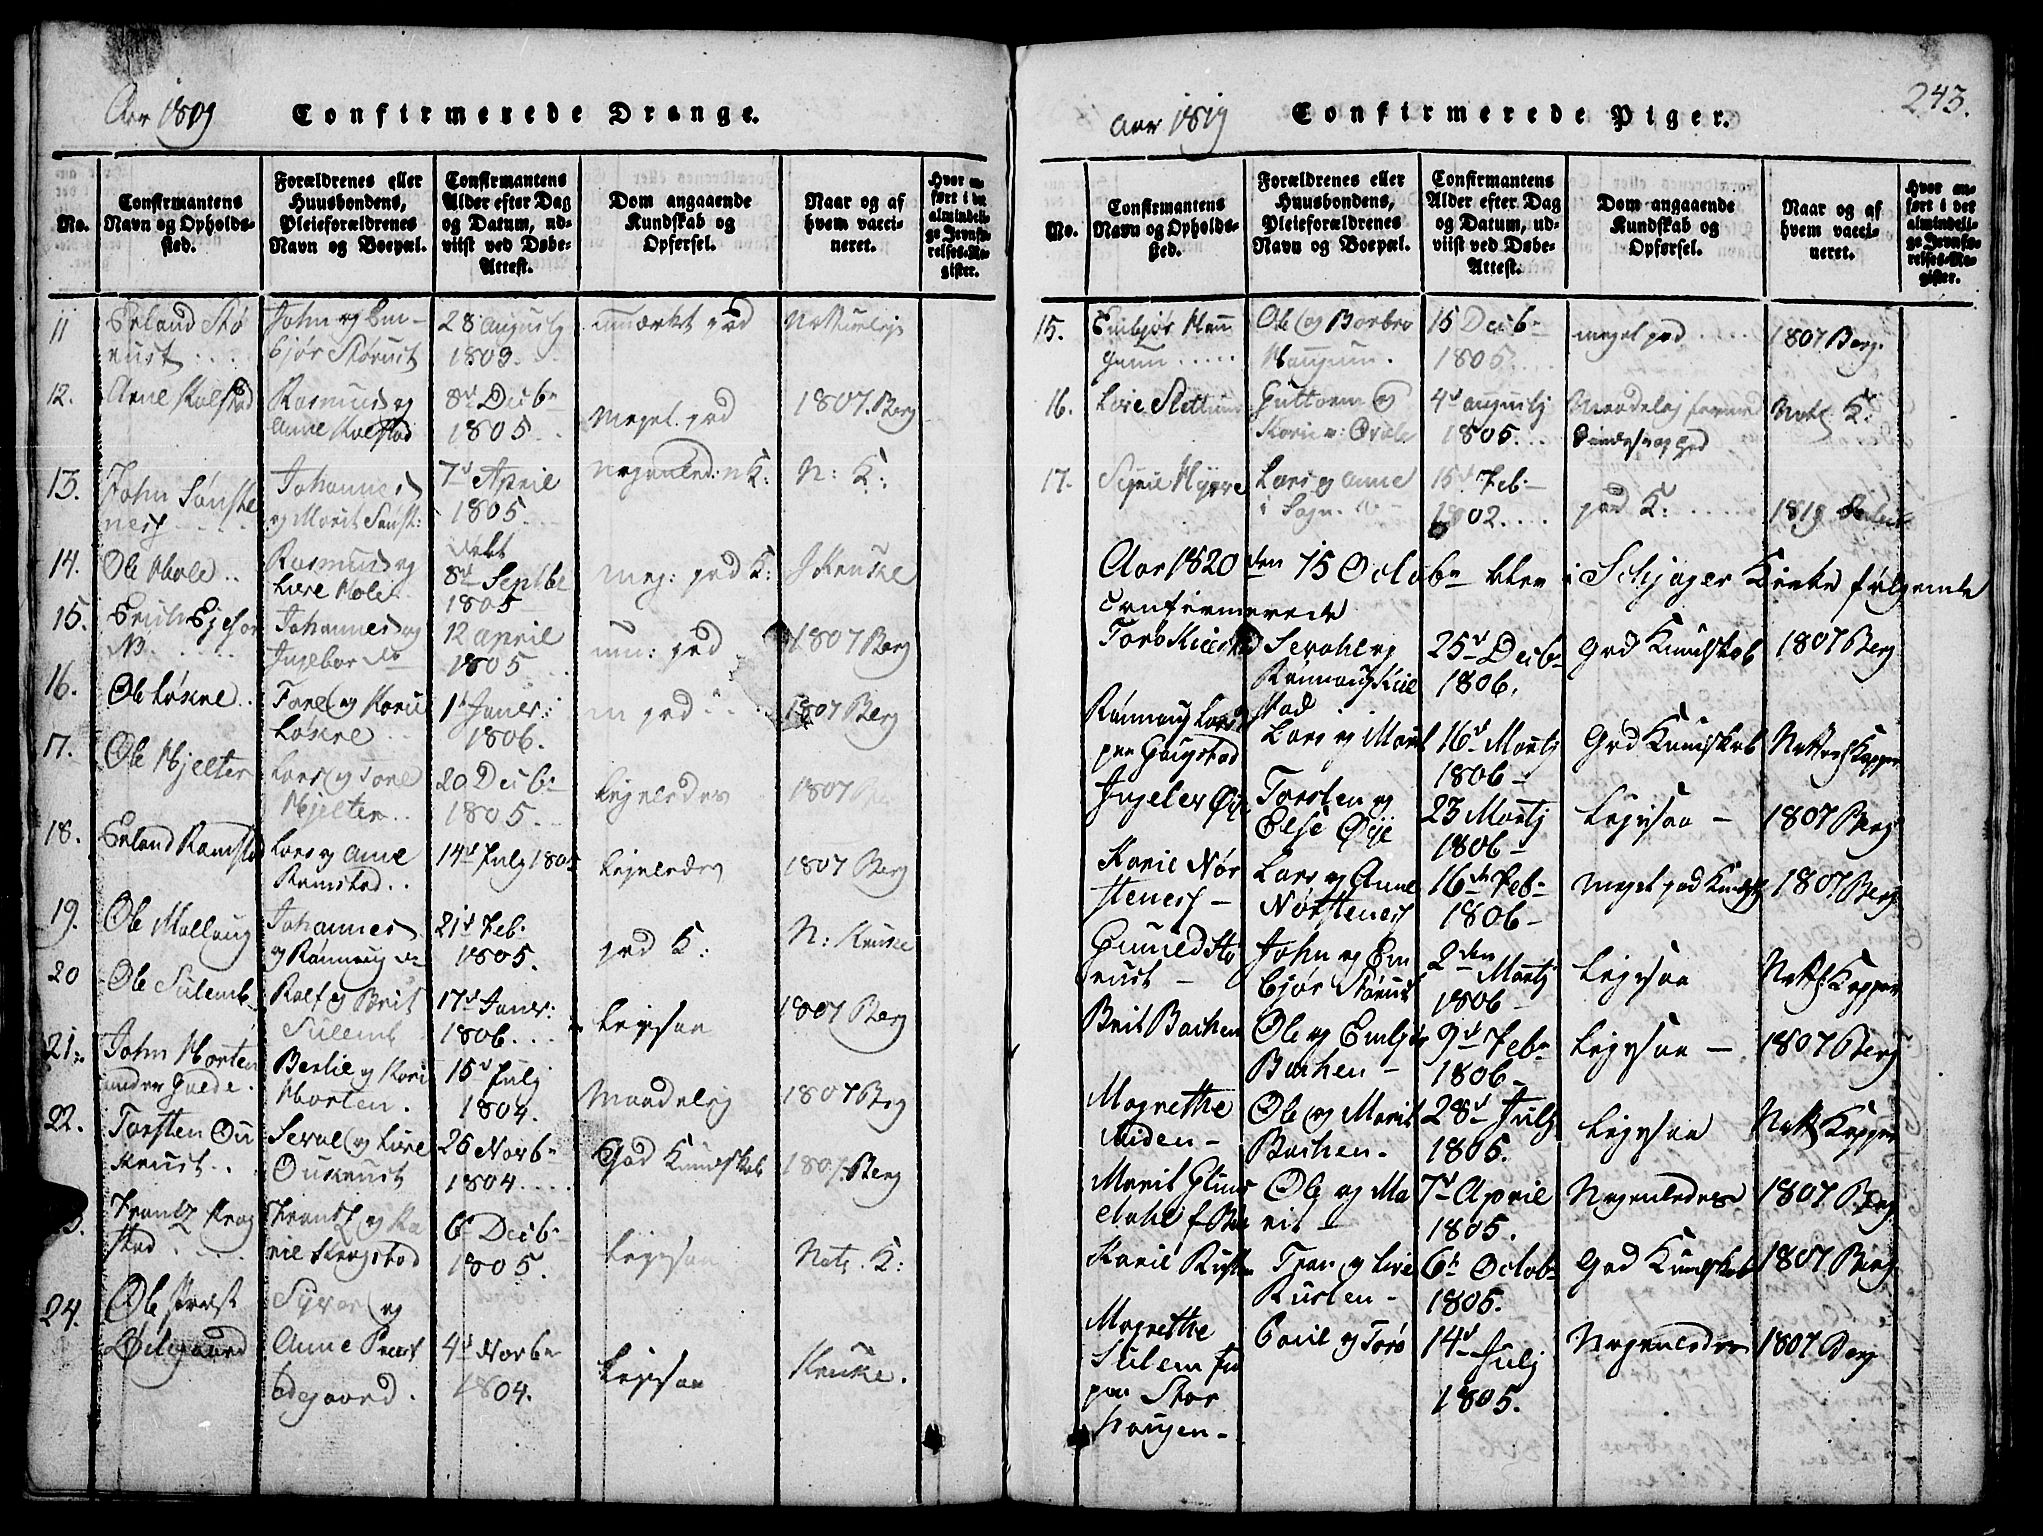 SAH, Lom prestekontor, L/L0001: Klokkerbok nr. 1, 1815-1836, s. 243